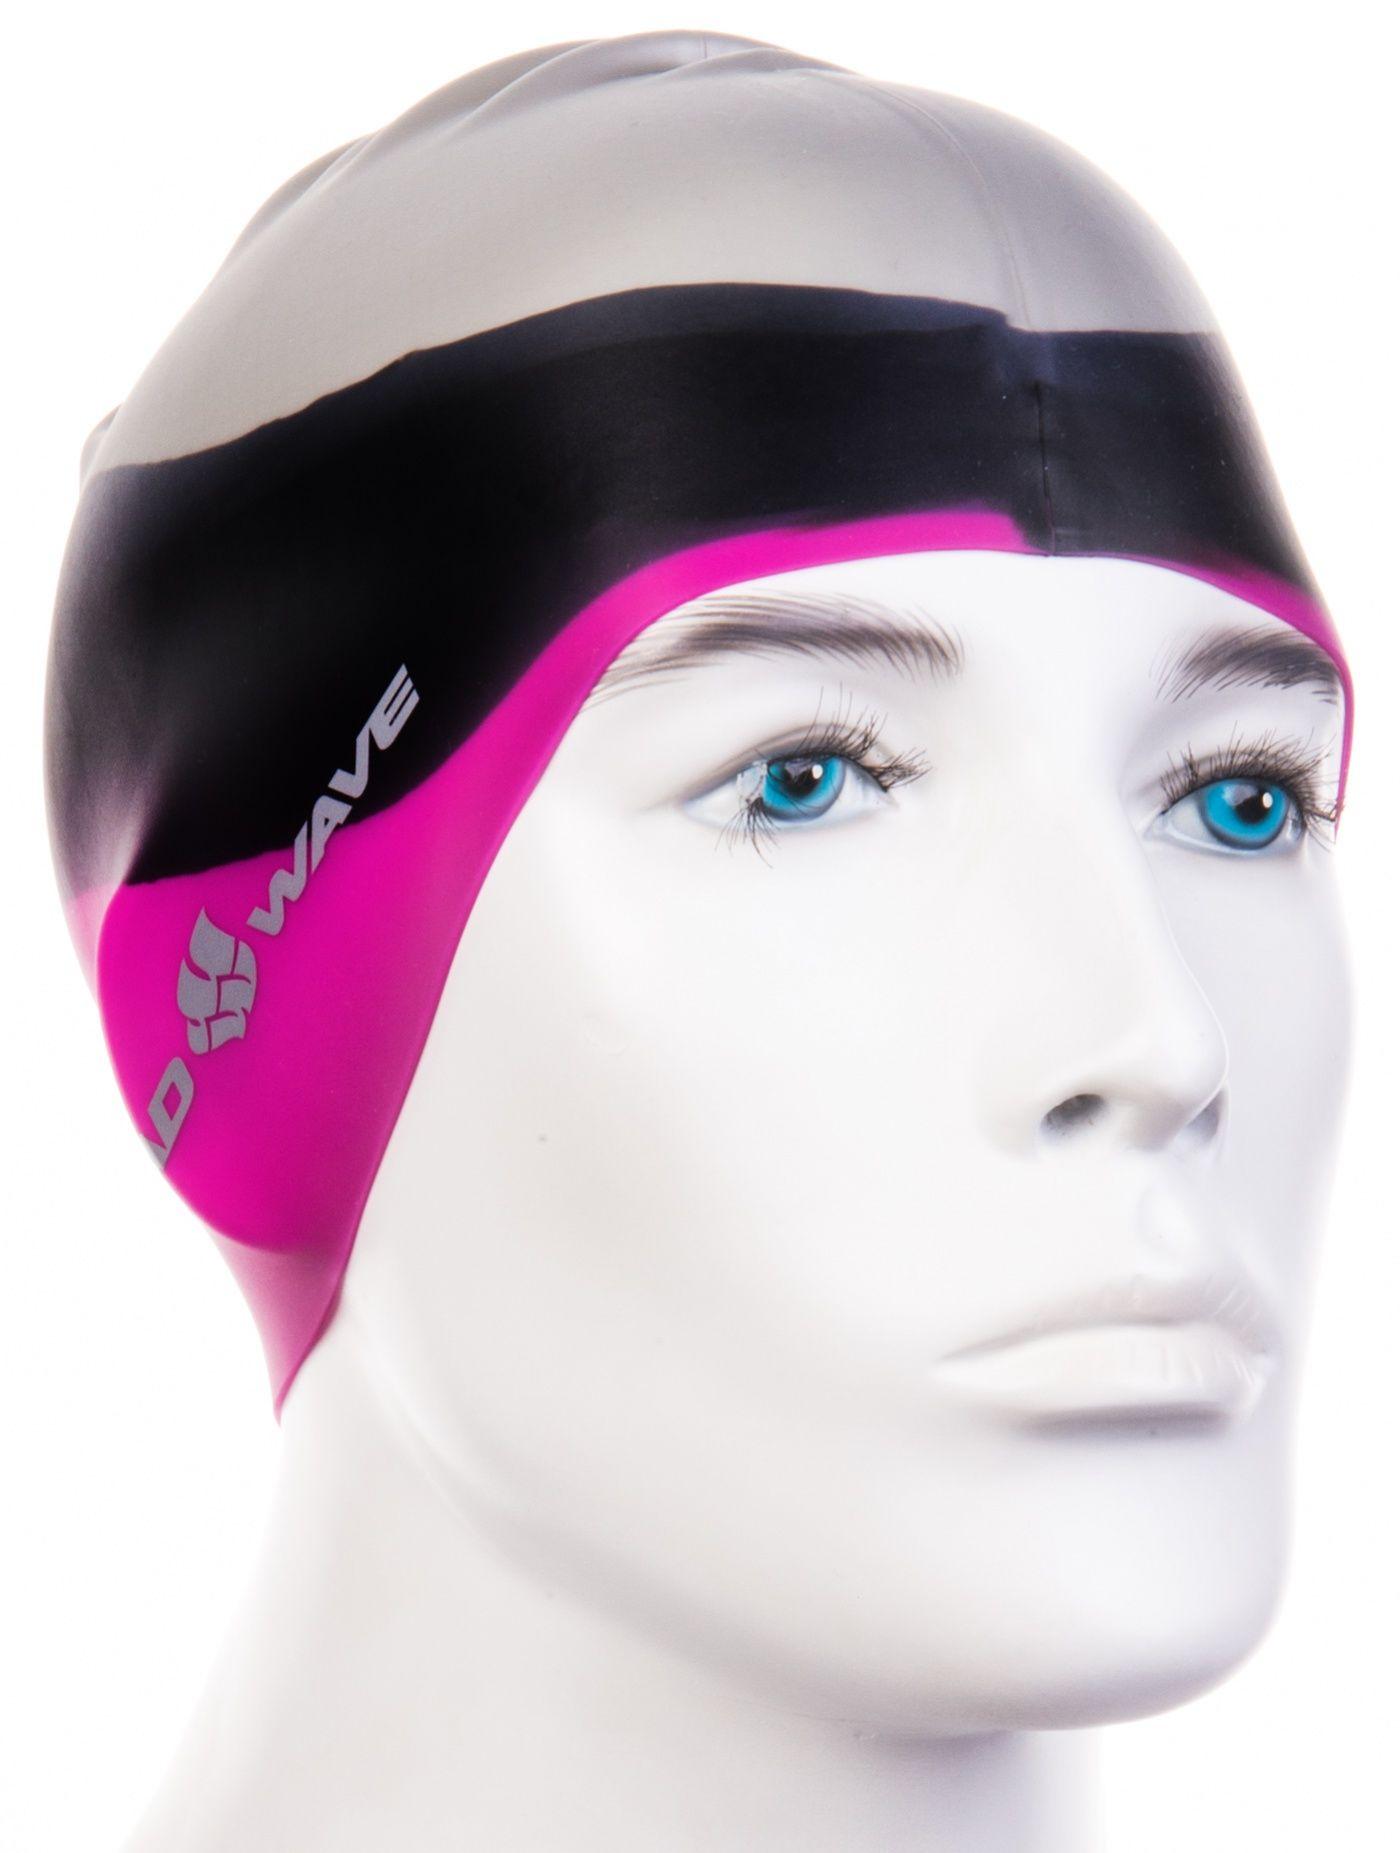 Czepek pływacki mad wave multi big silicone różowy